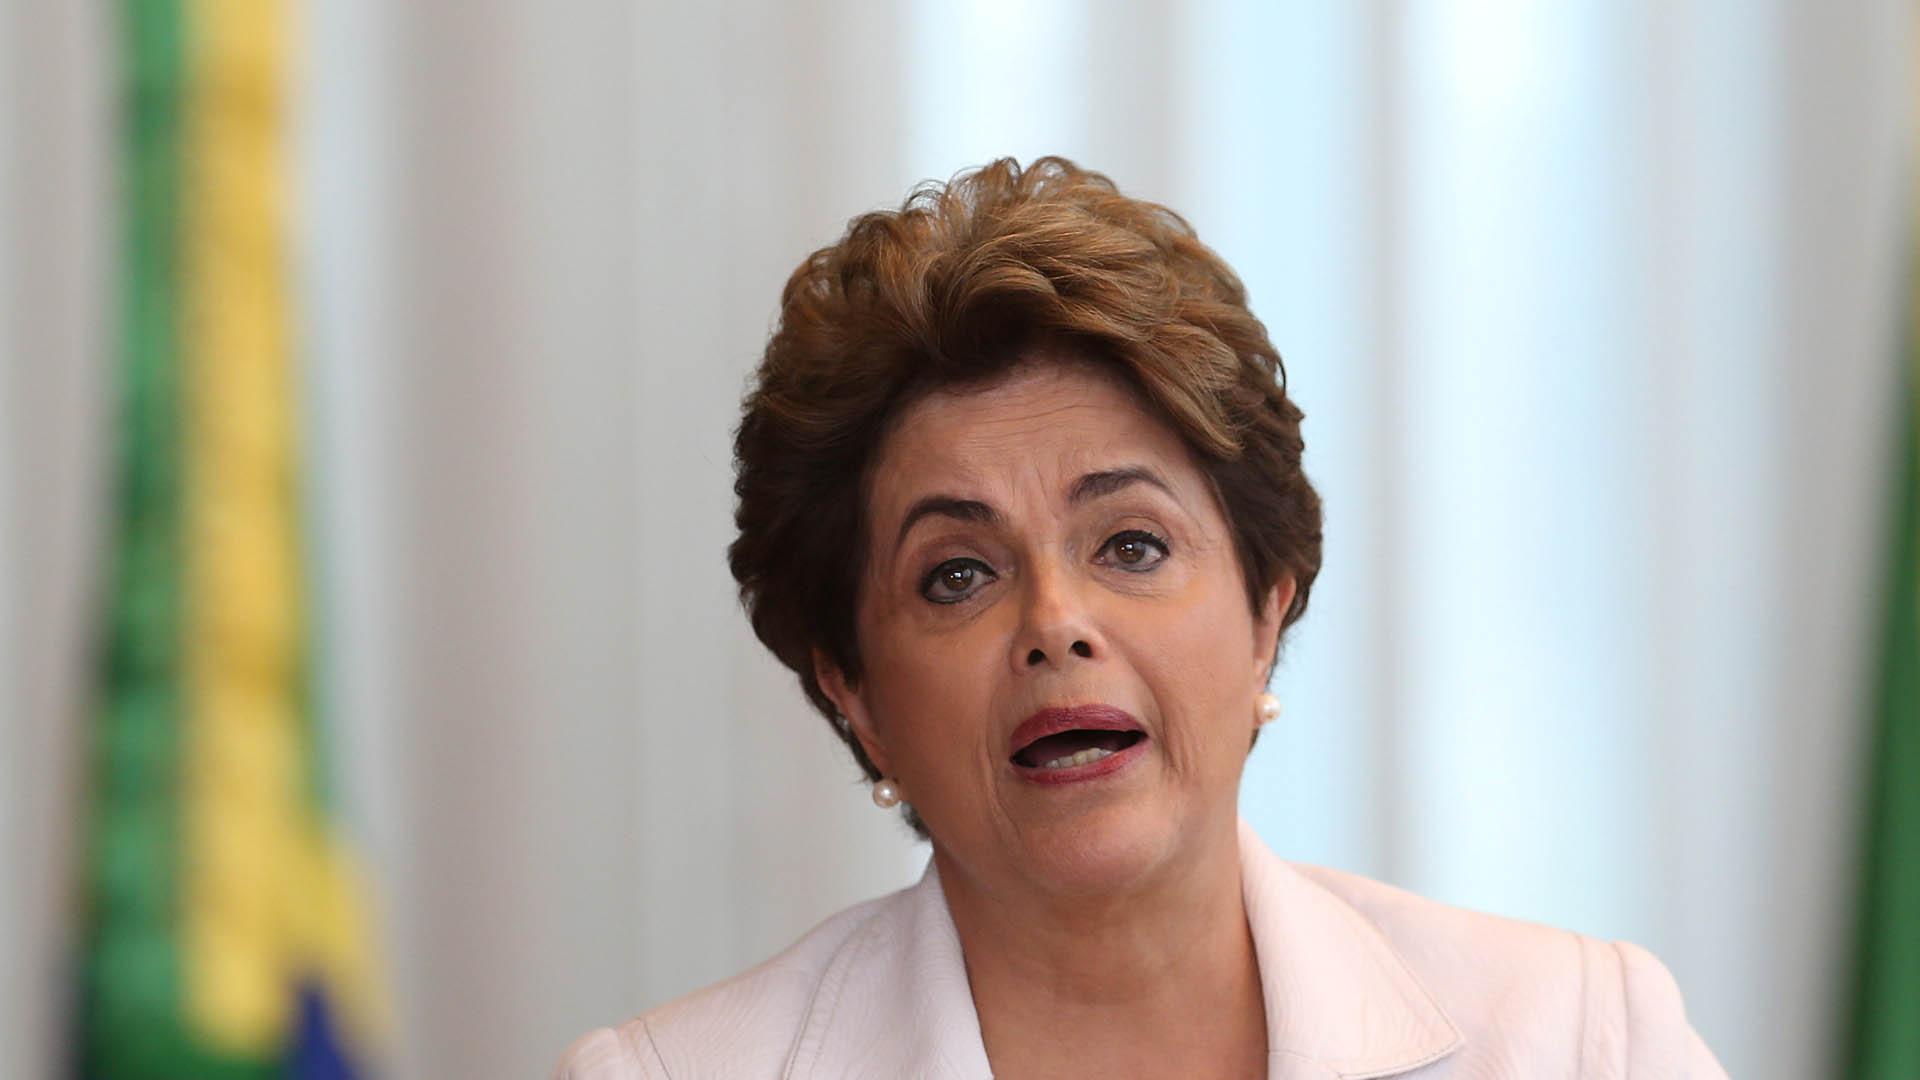 La mandataria brasilera debe comparecer ante el pleno de 81 senadores en la fase final de su impeachment